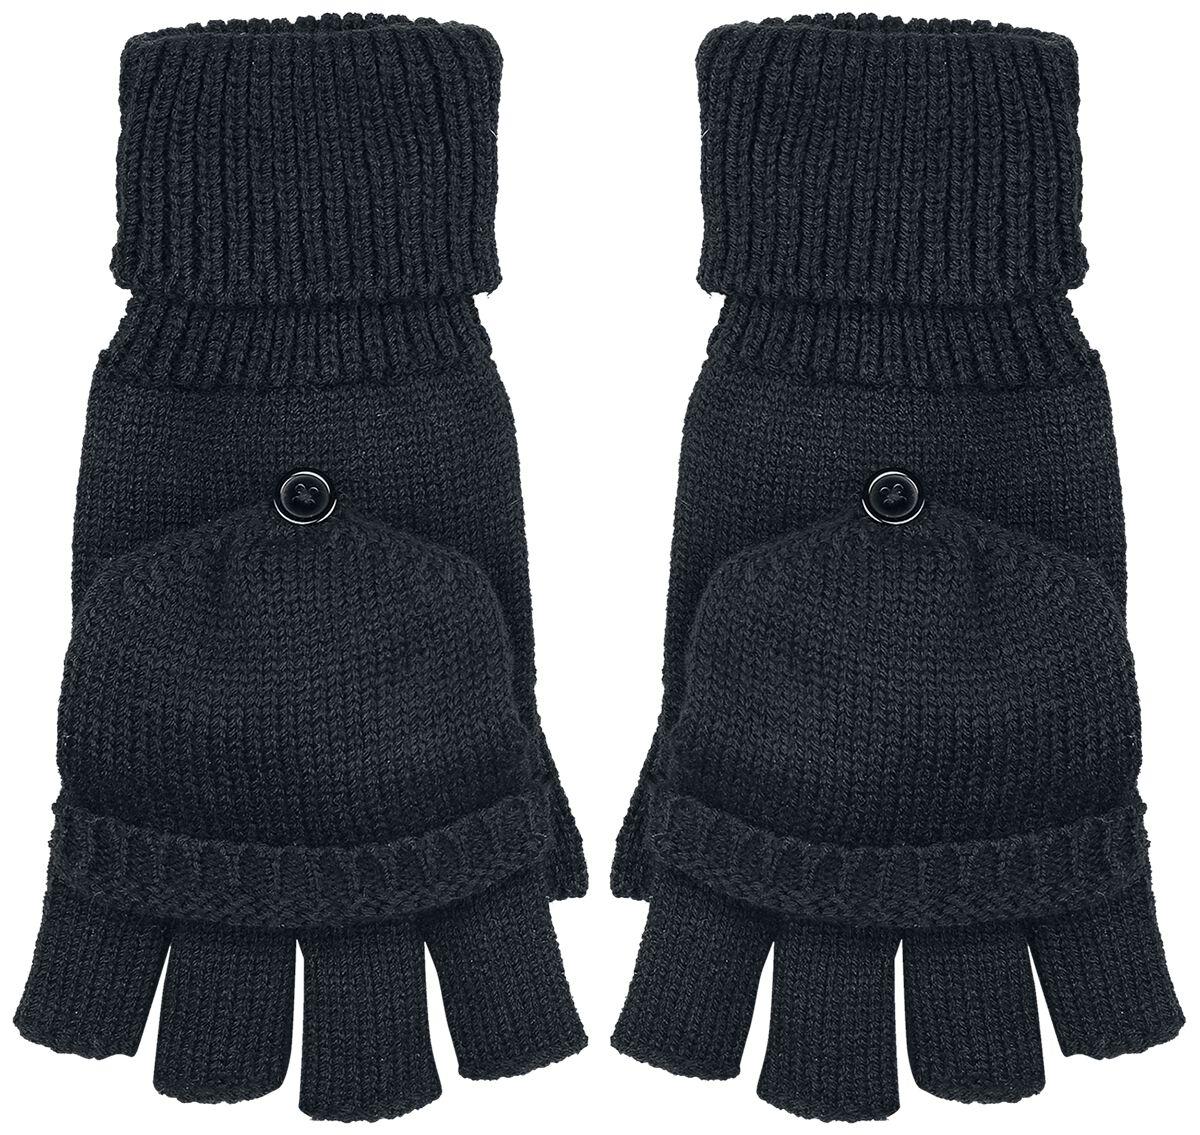 Image of Beechfield Fliptop Gloves Handschuhe schwarz